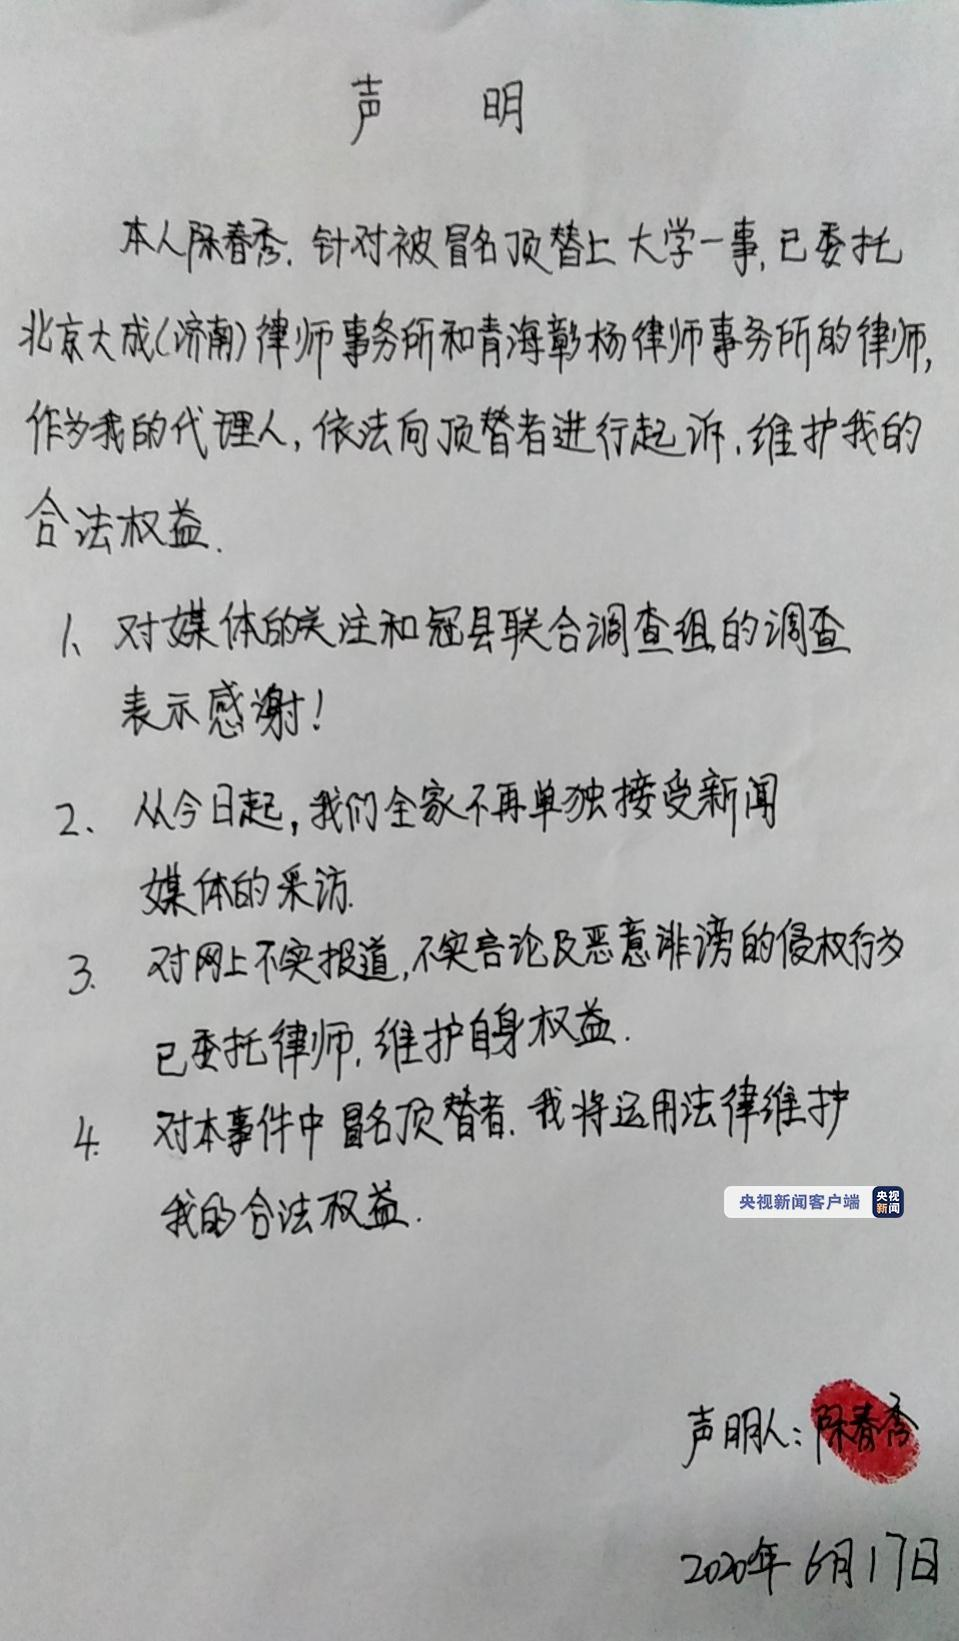 [杏悦]家女被顶替上大学杏悦当事人将起诉顶替者图片